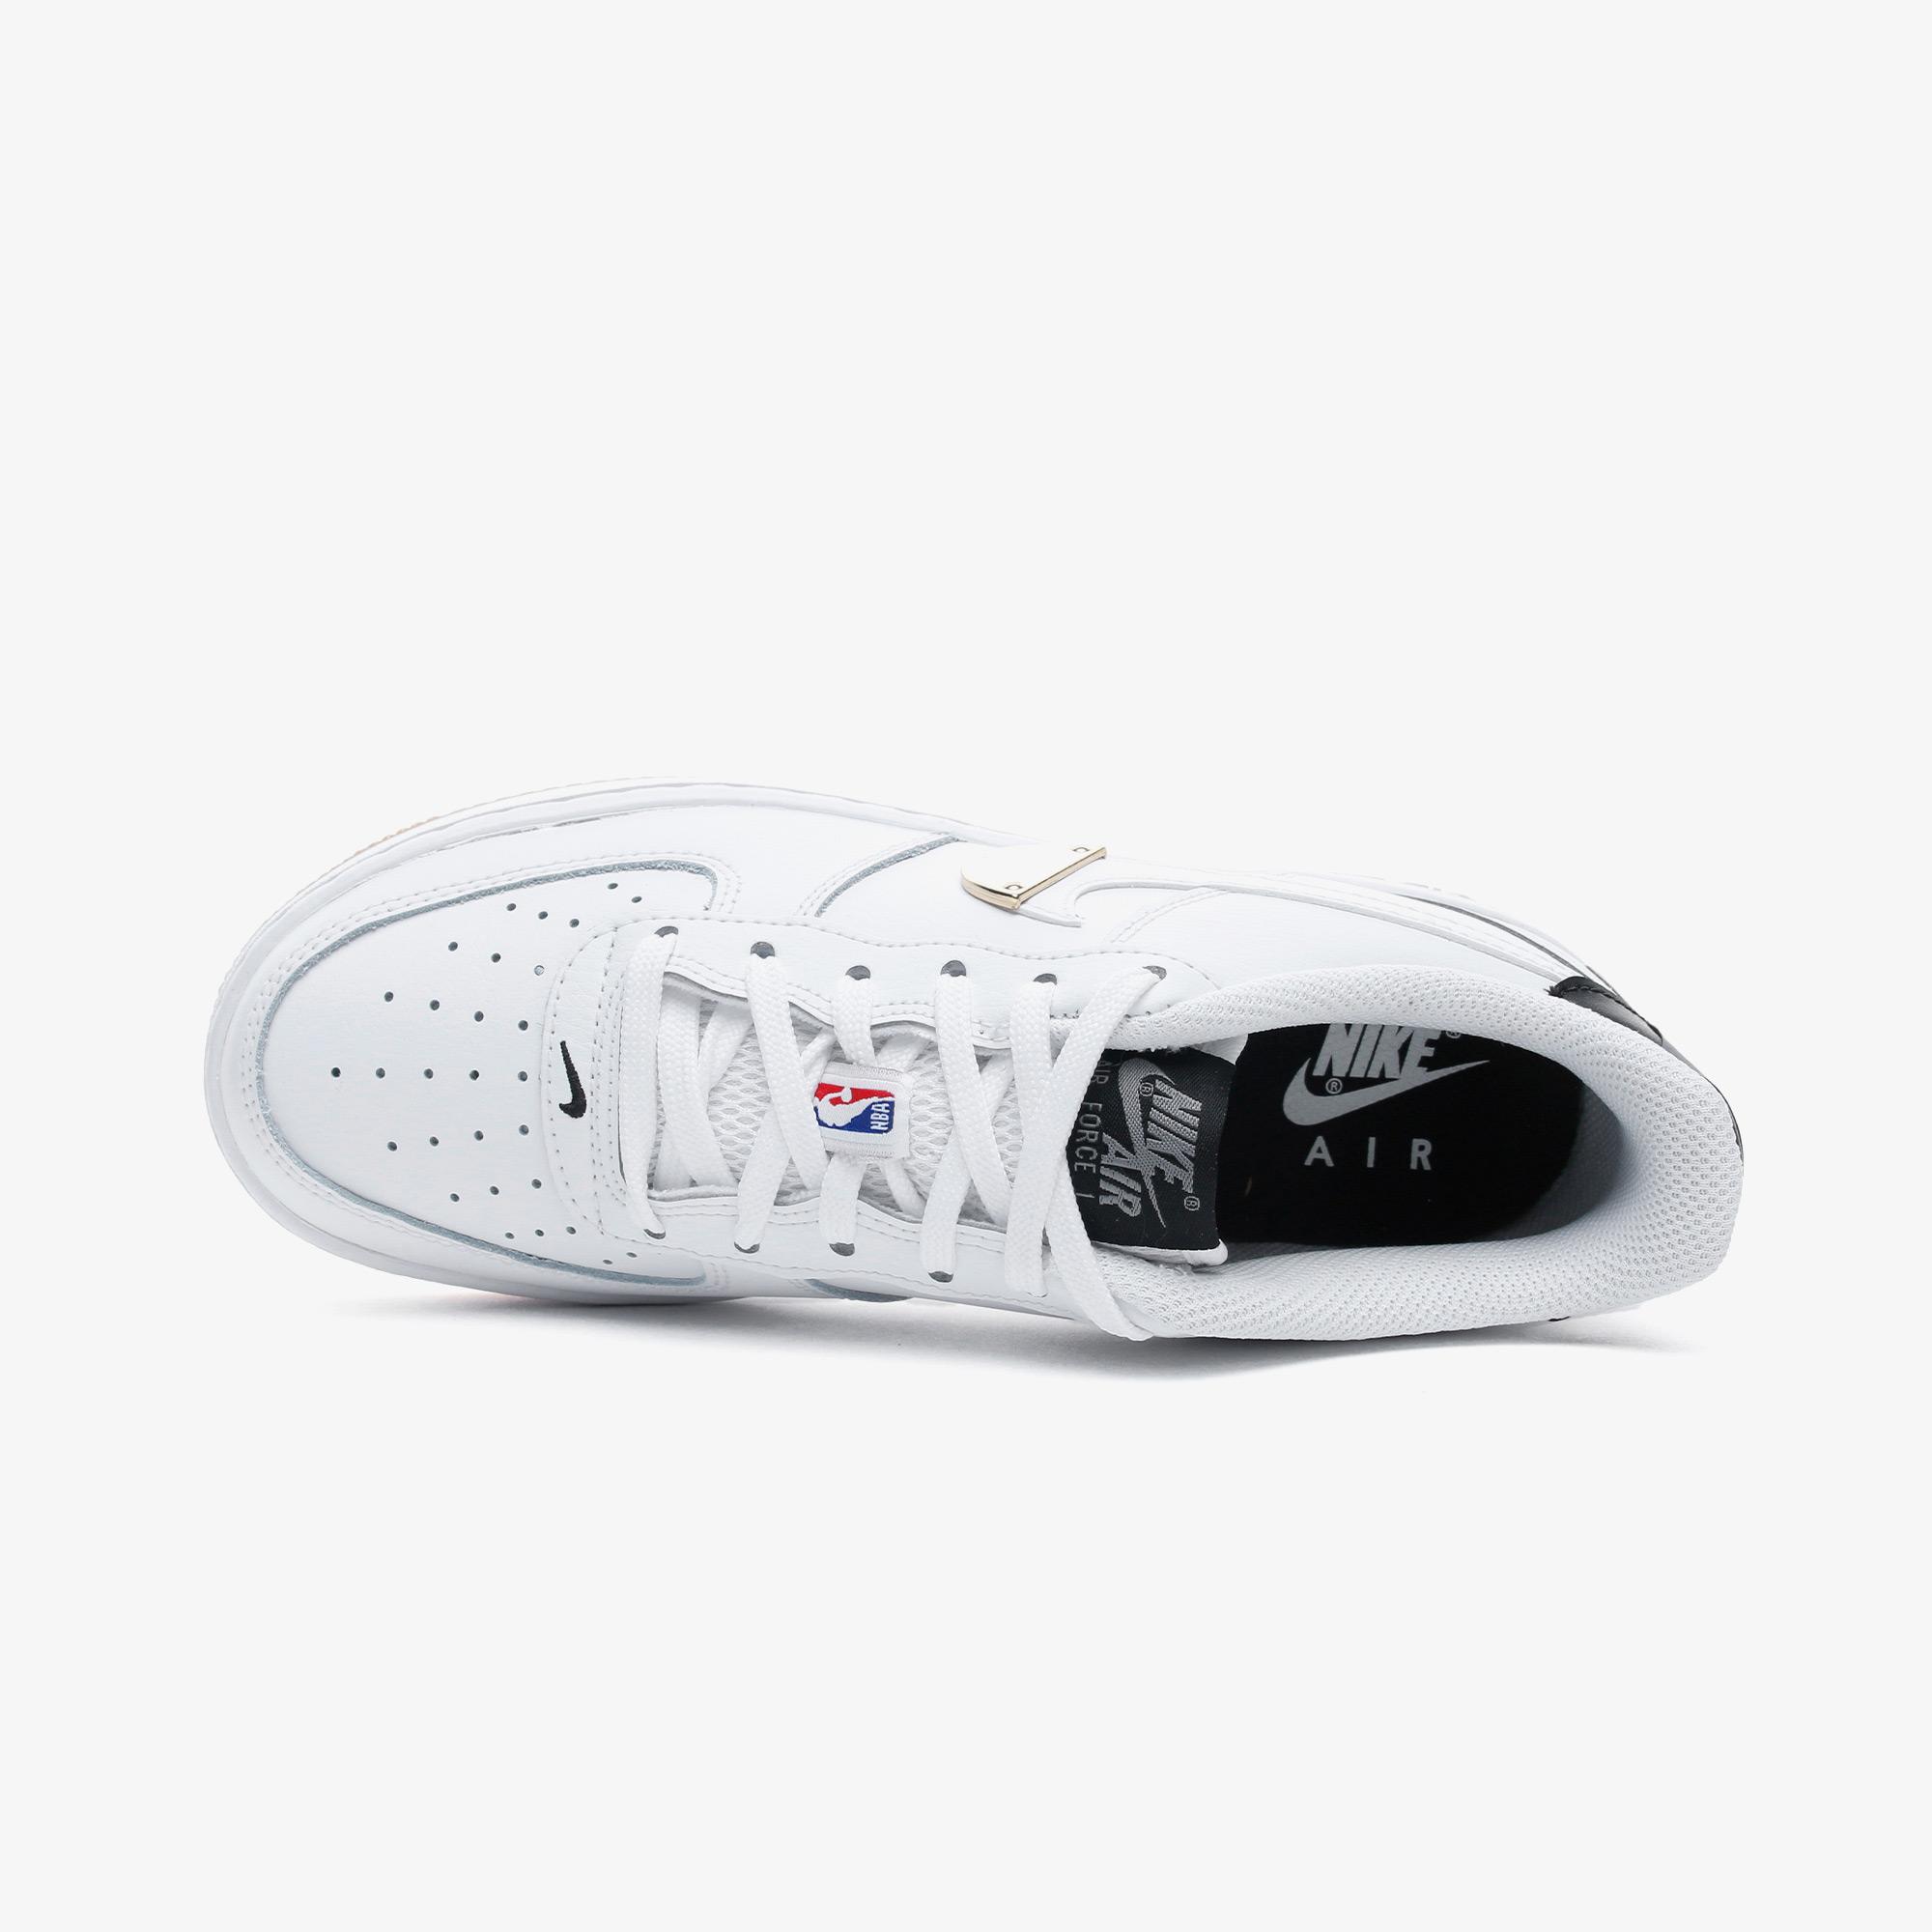 Nike Air Force 1 LV8 1 Kadın Beyaz Spor Ayakkabı